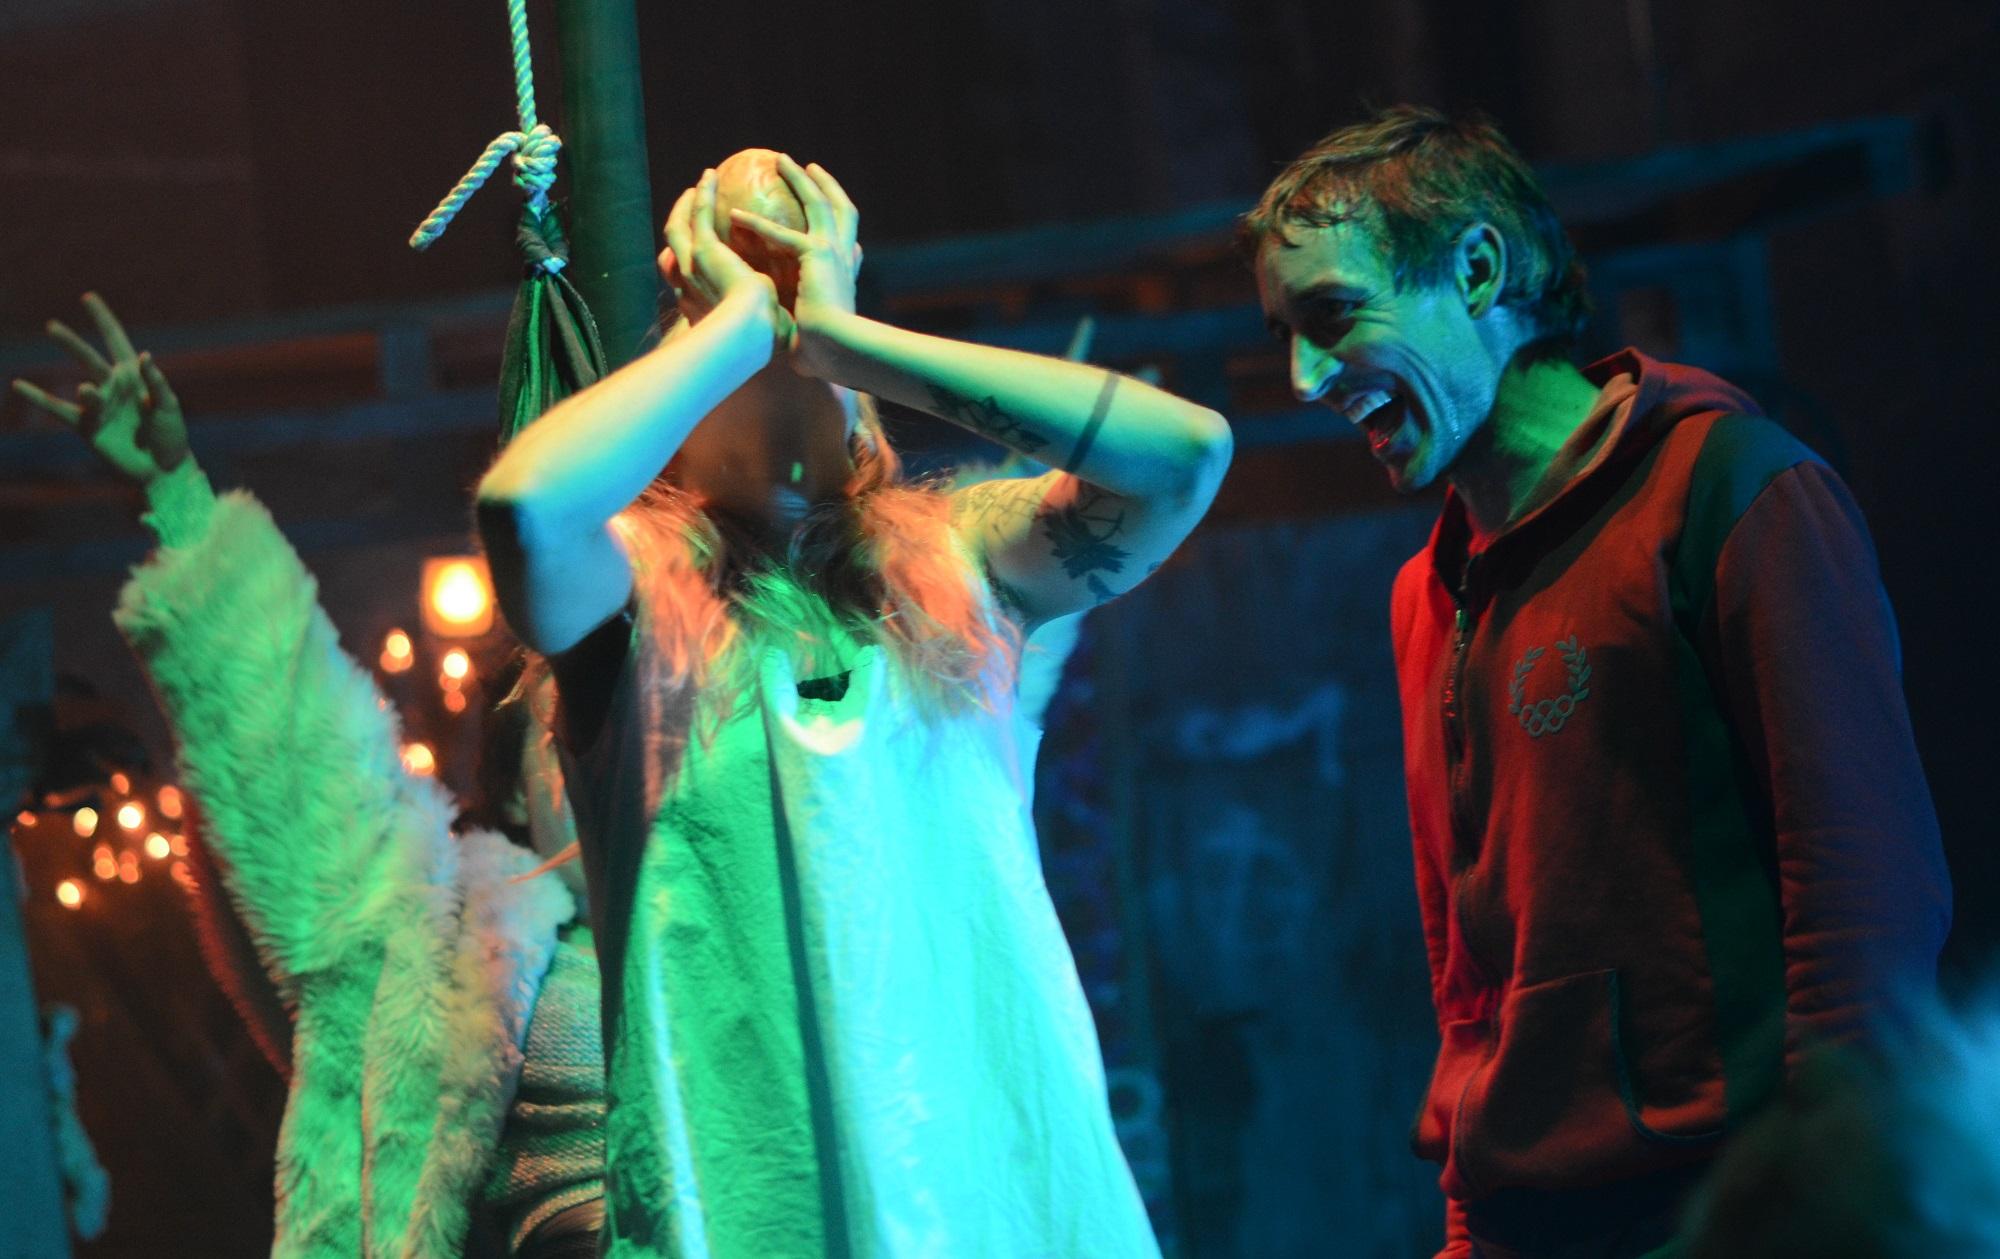 Der Teufel ist los - Mendrisch Premiere mit Sofie Jasmin sabroe und Dominique Jann